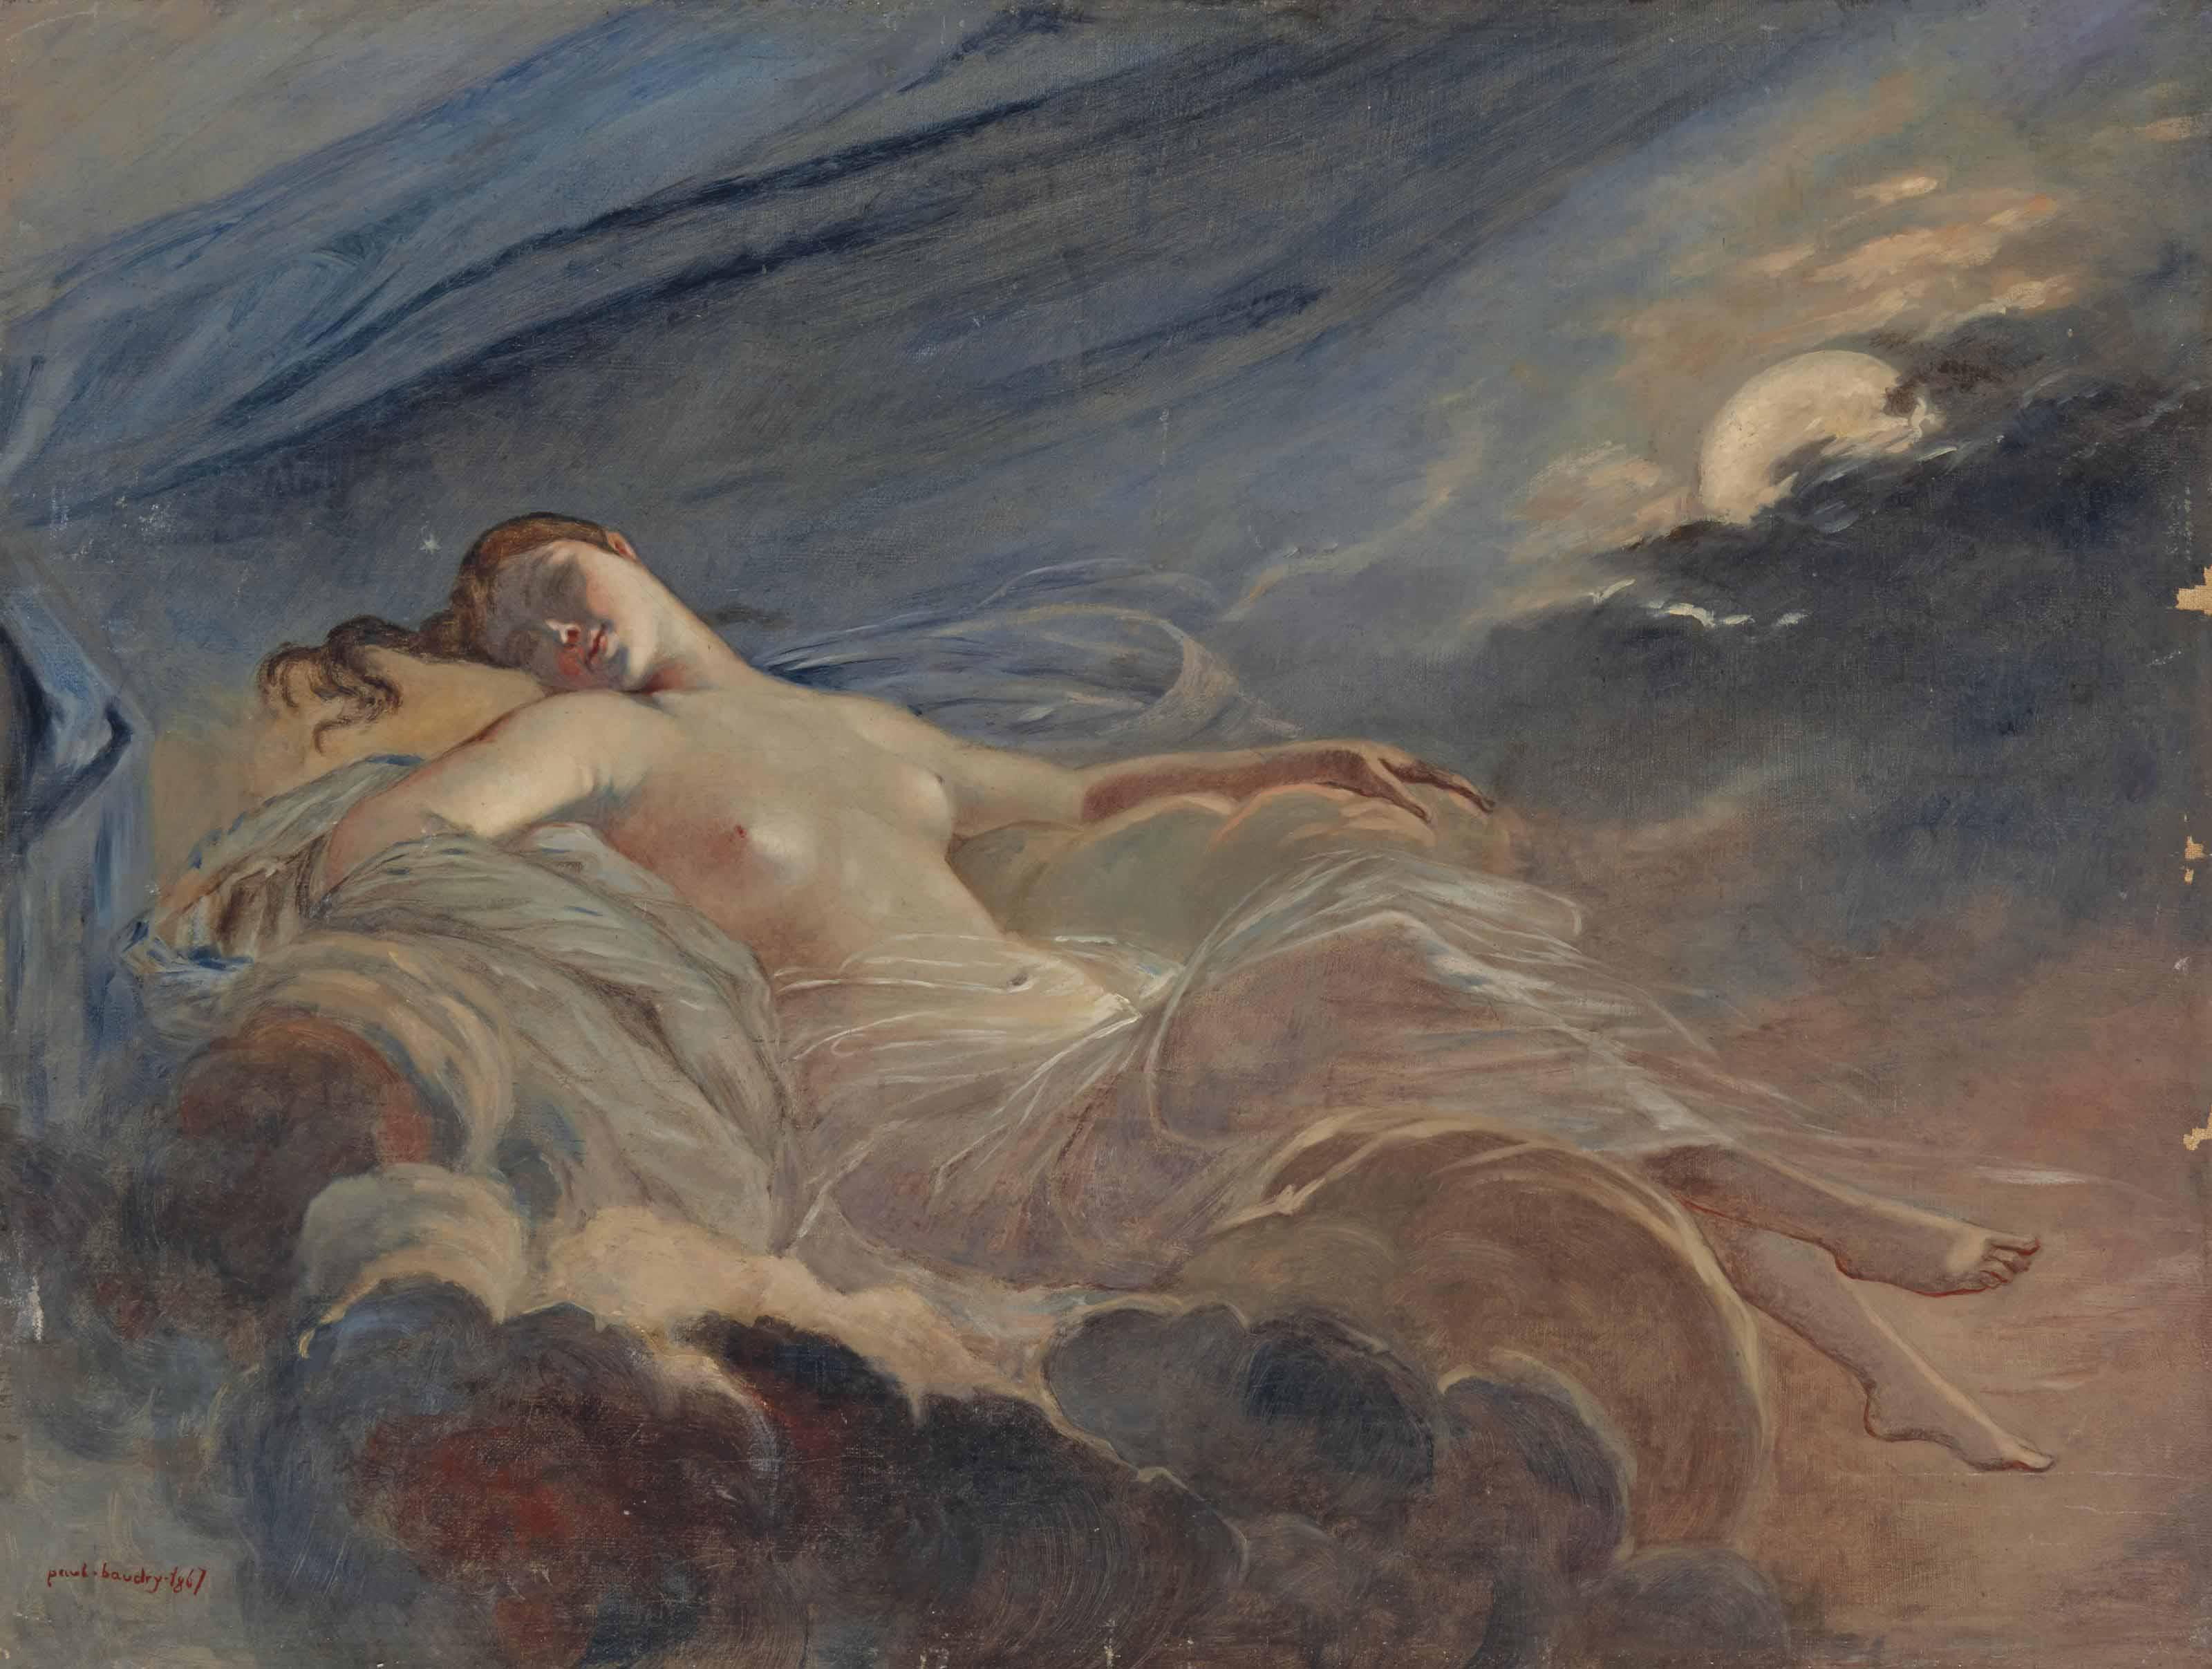 PAUL BAUDRY (LA ROCHE SUR YON 1828-1886 PARIS)